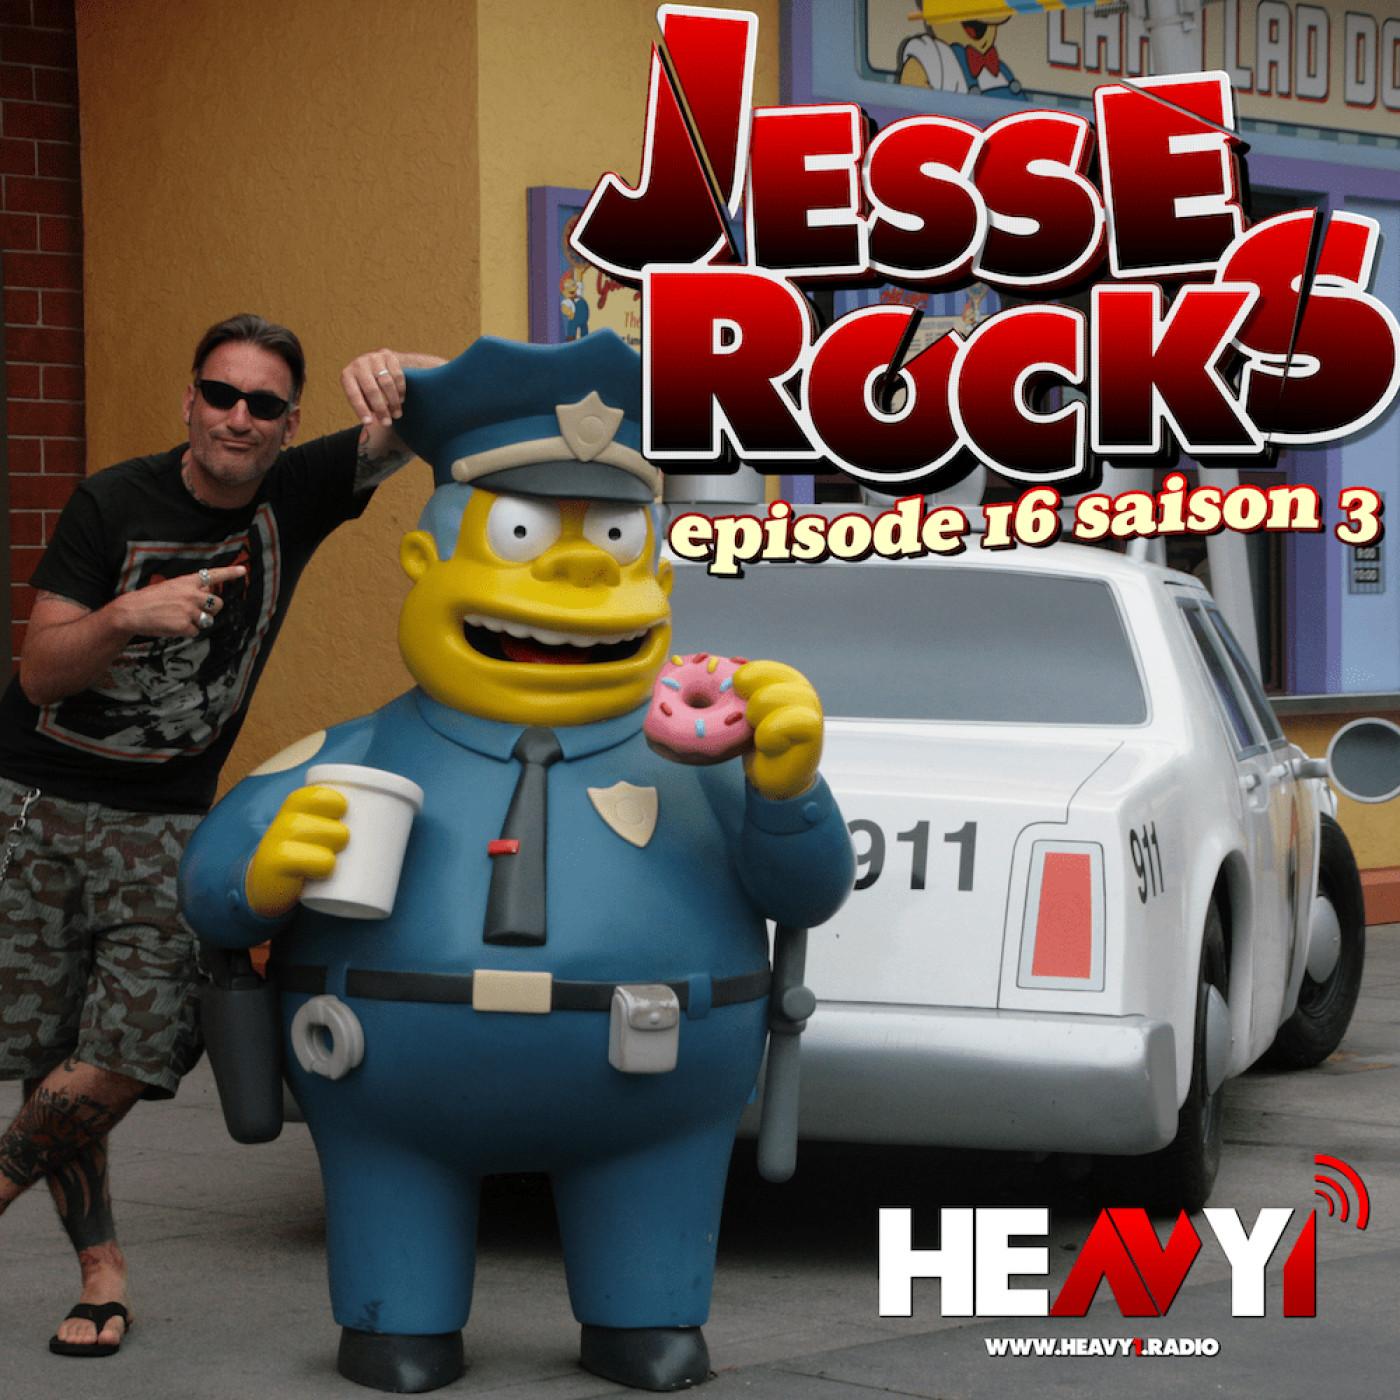 Jesse Rocks #16 Saison 3